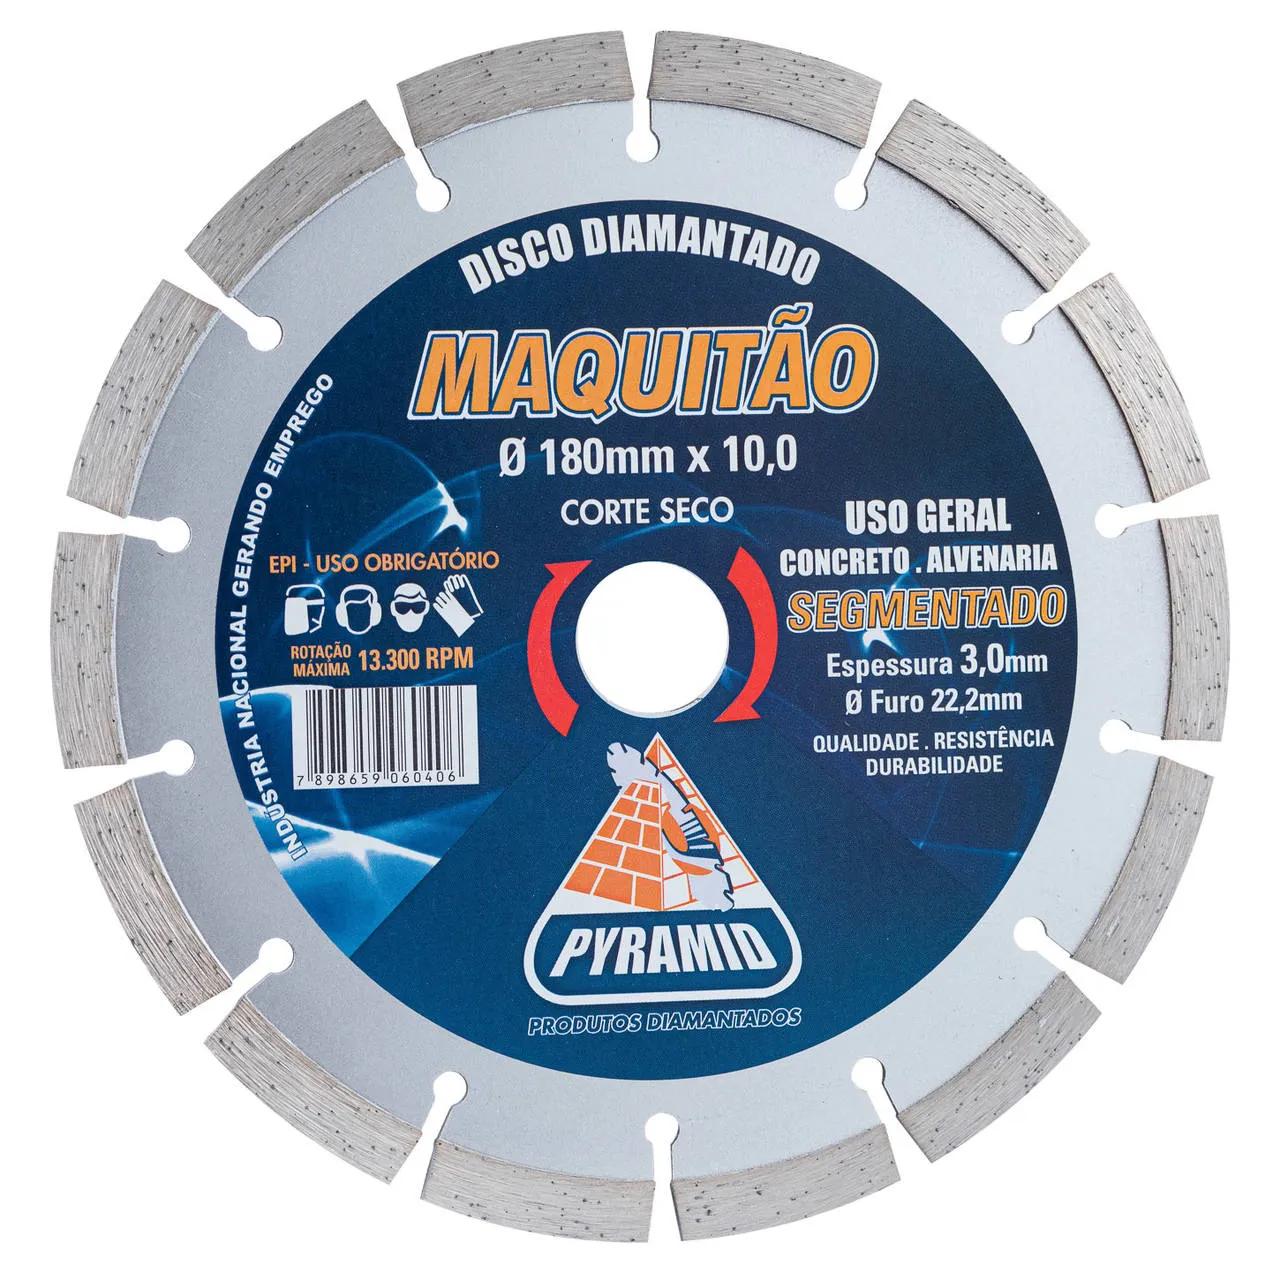 Disco Diamantado Maquitão Segmentado Pyramid 180mm